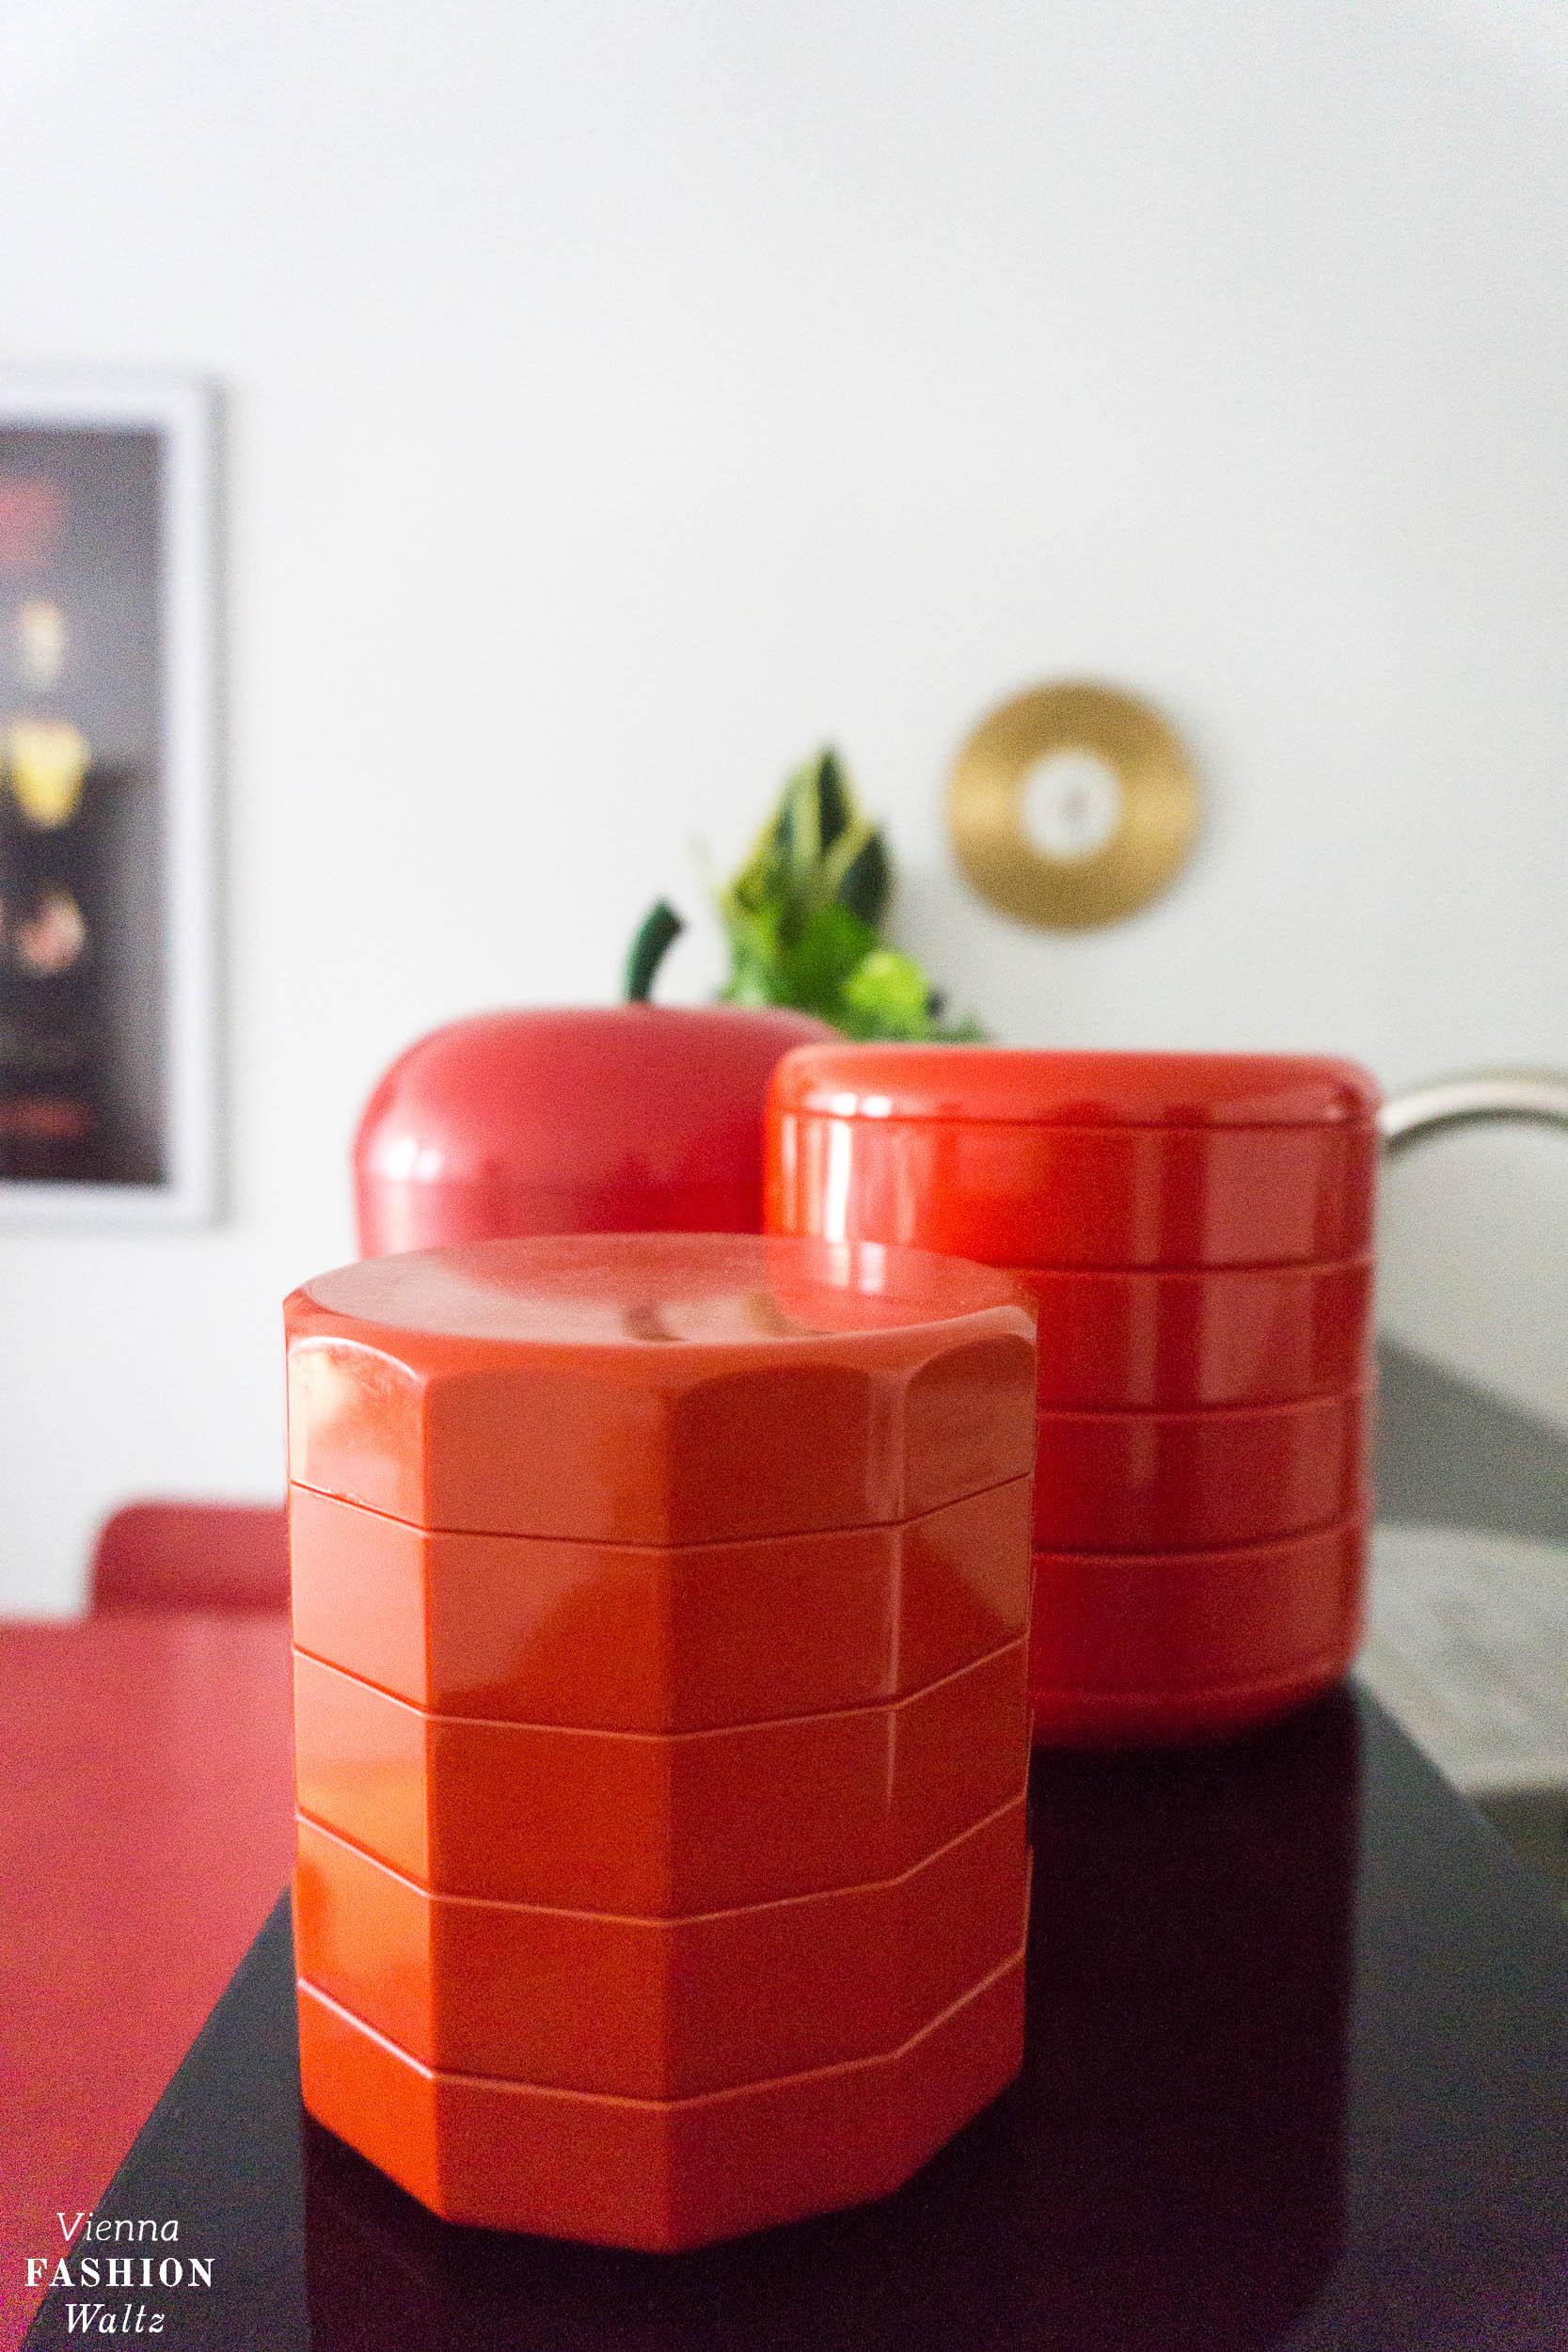 Utensilos aus den 70ern, bakelit, Eames Designklassiker fürs rote Vintage Esszimmer, Vitra Wire Chair, rot, Wohnideen,